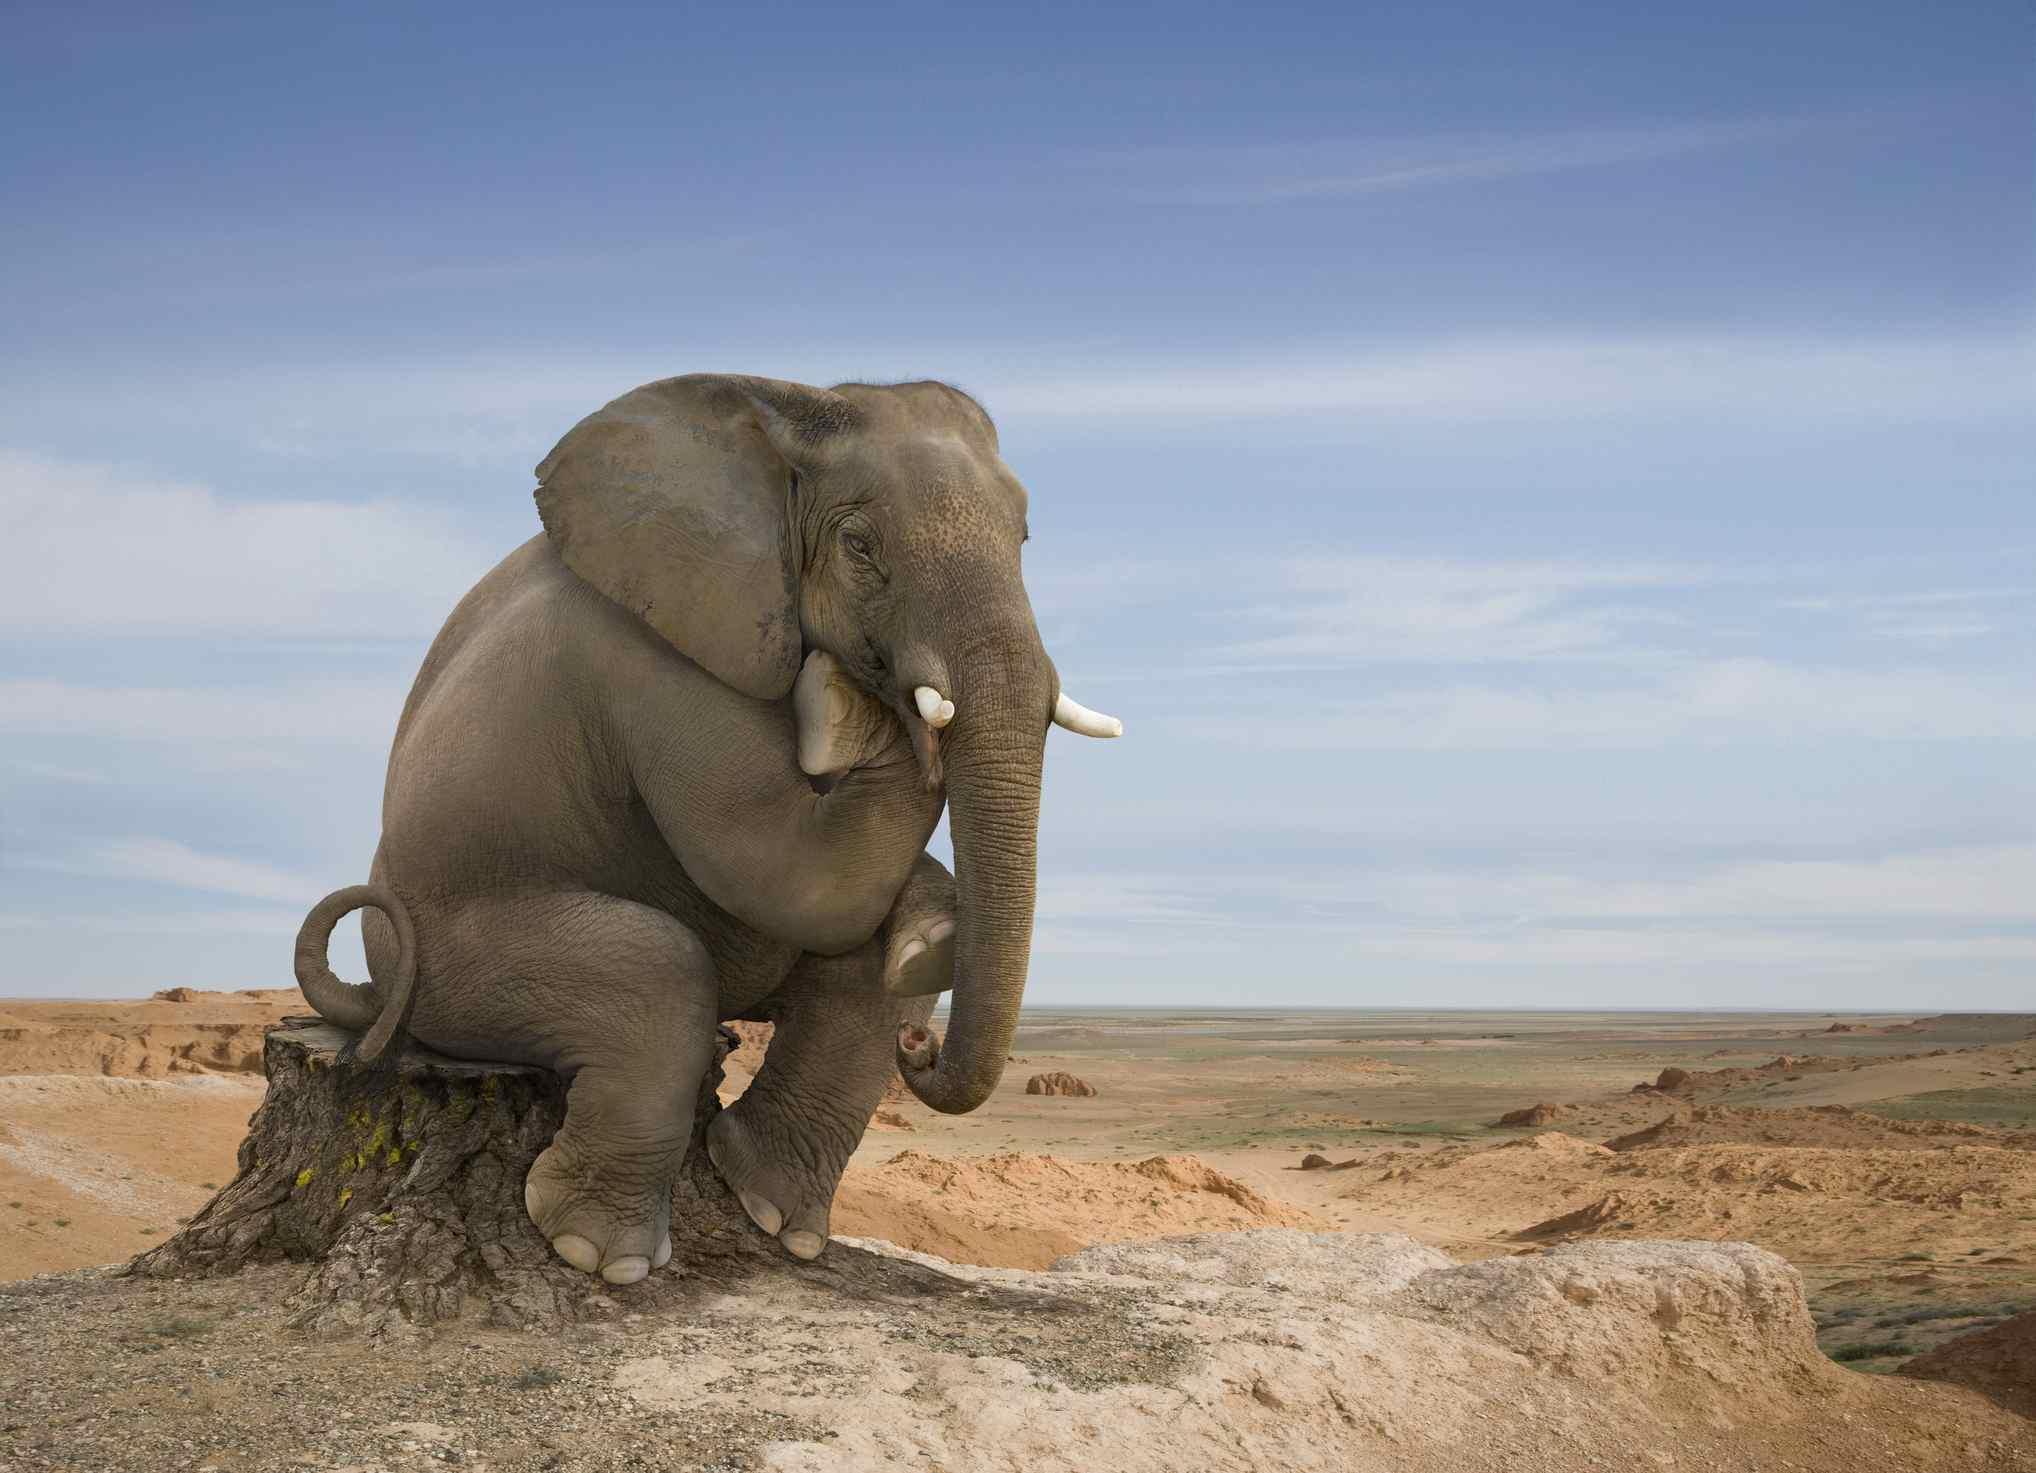 elephant thinking